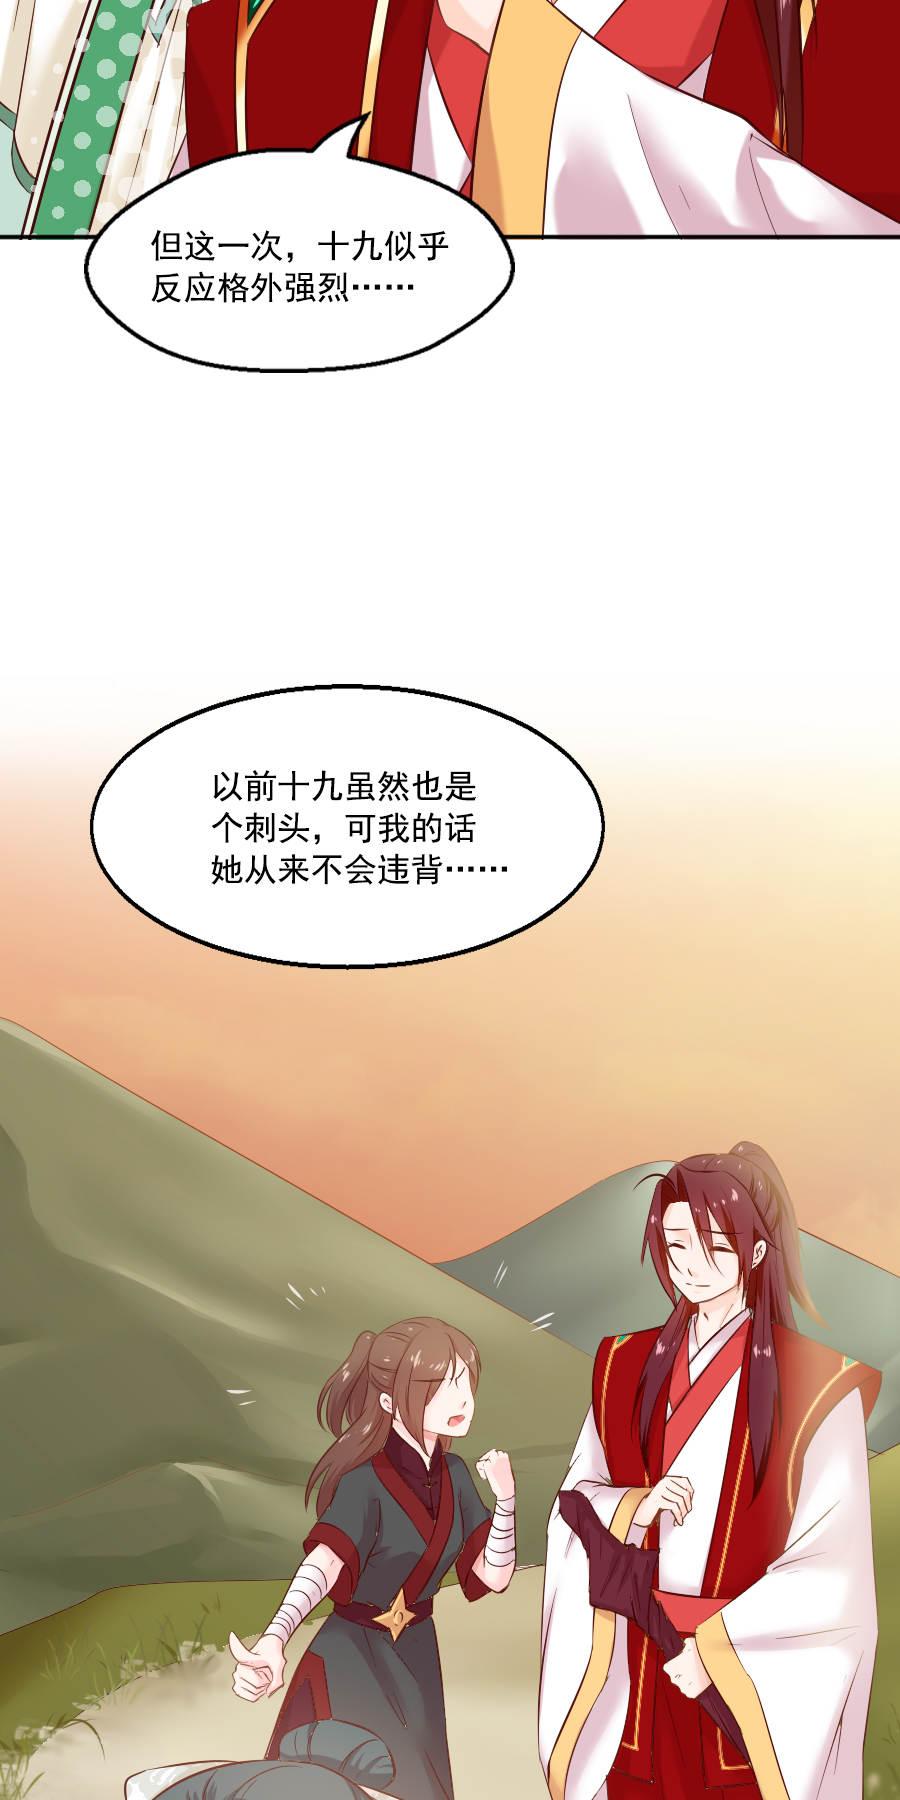 盛世帝王妃第45话  江大人的心声 第 16